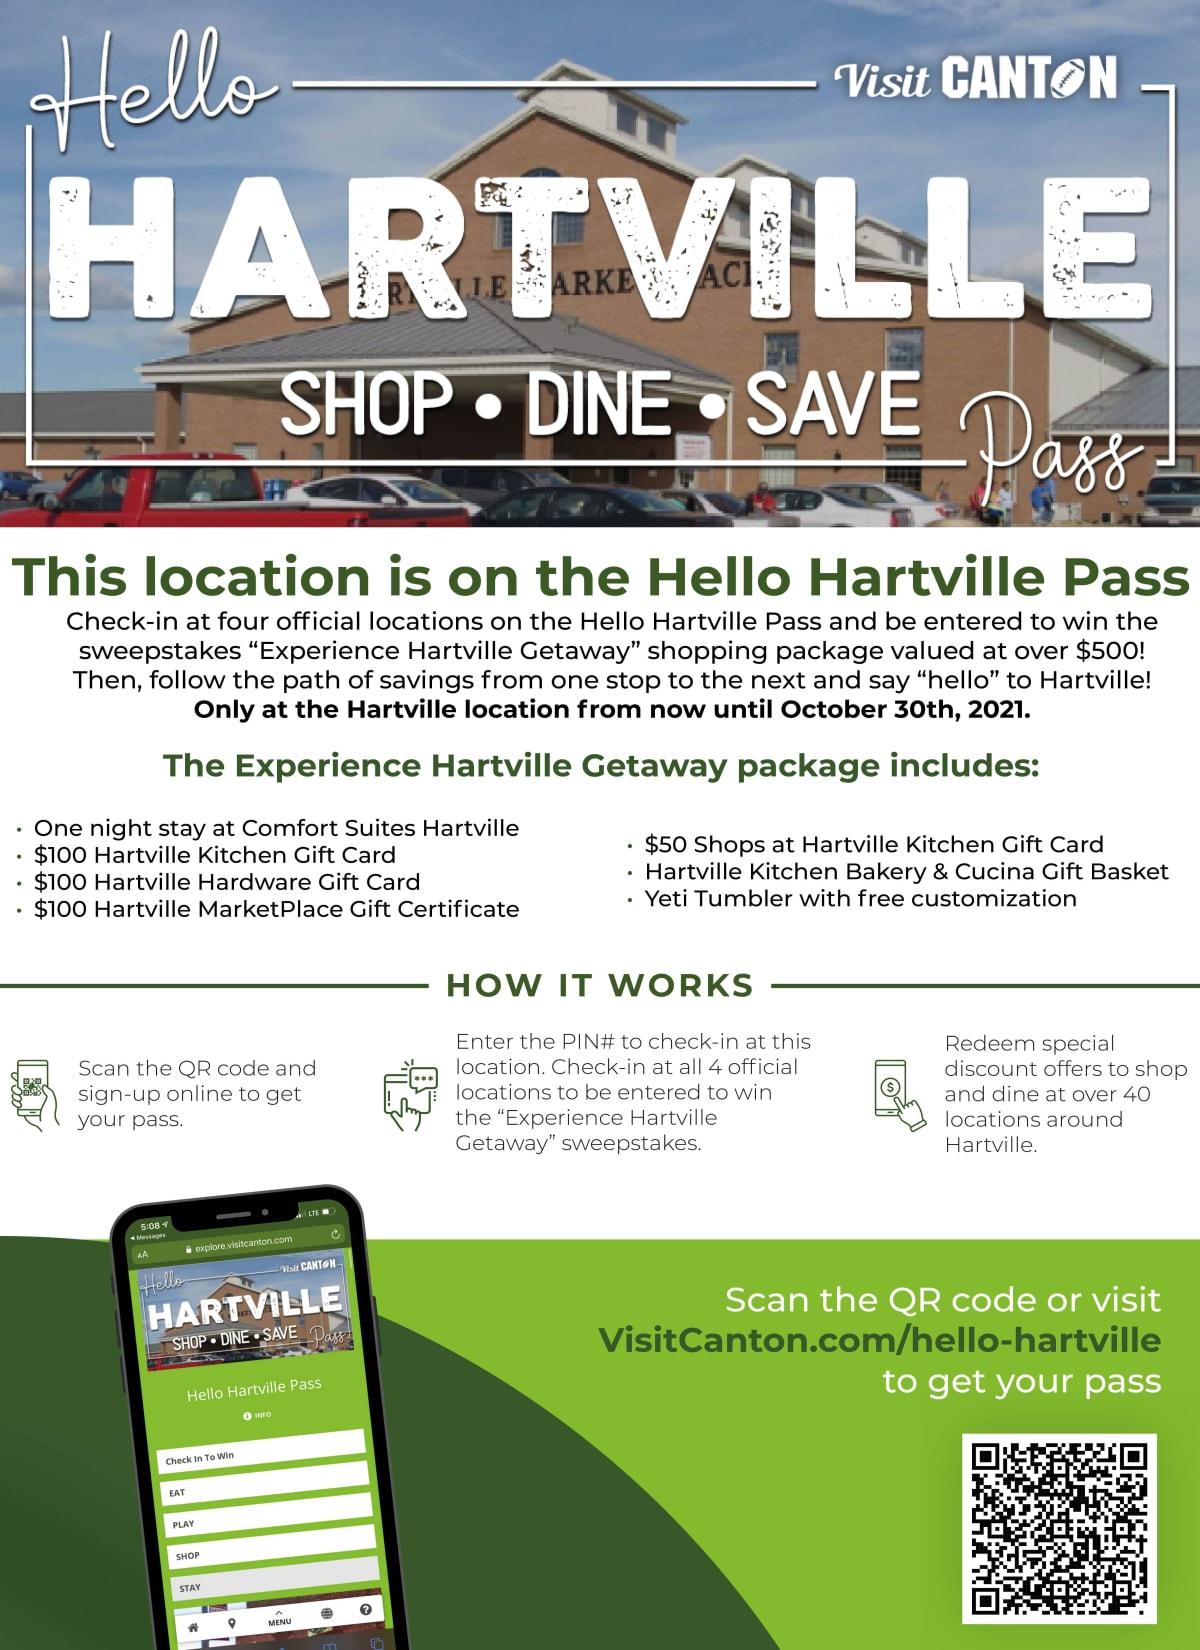 Hello Hartville Pass